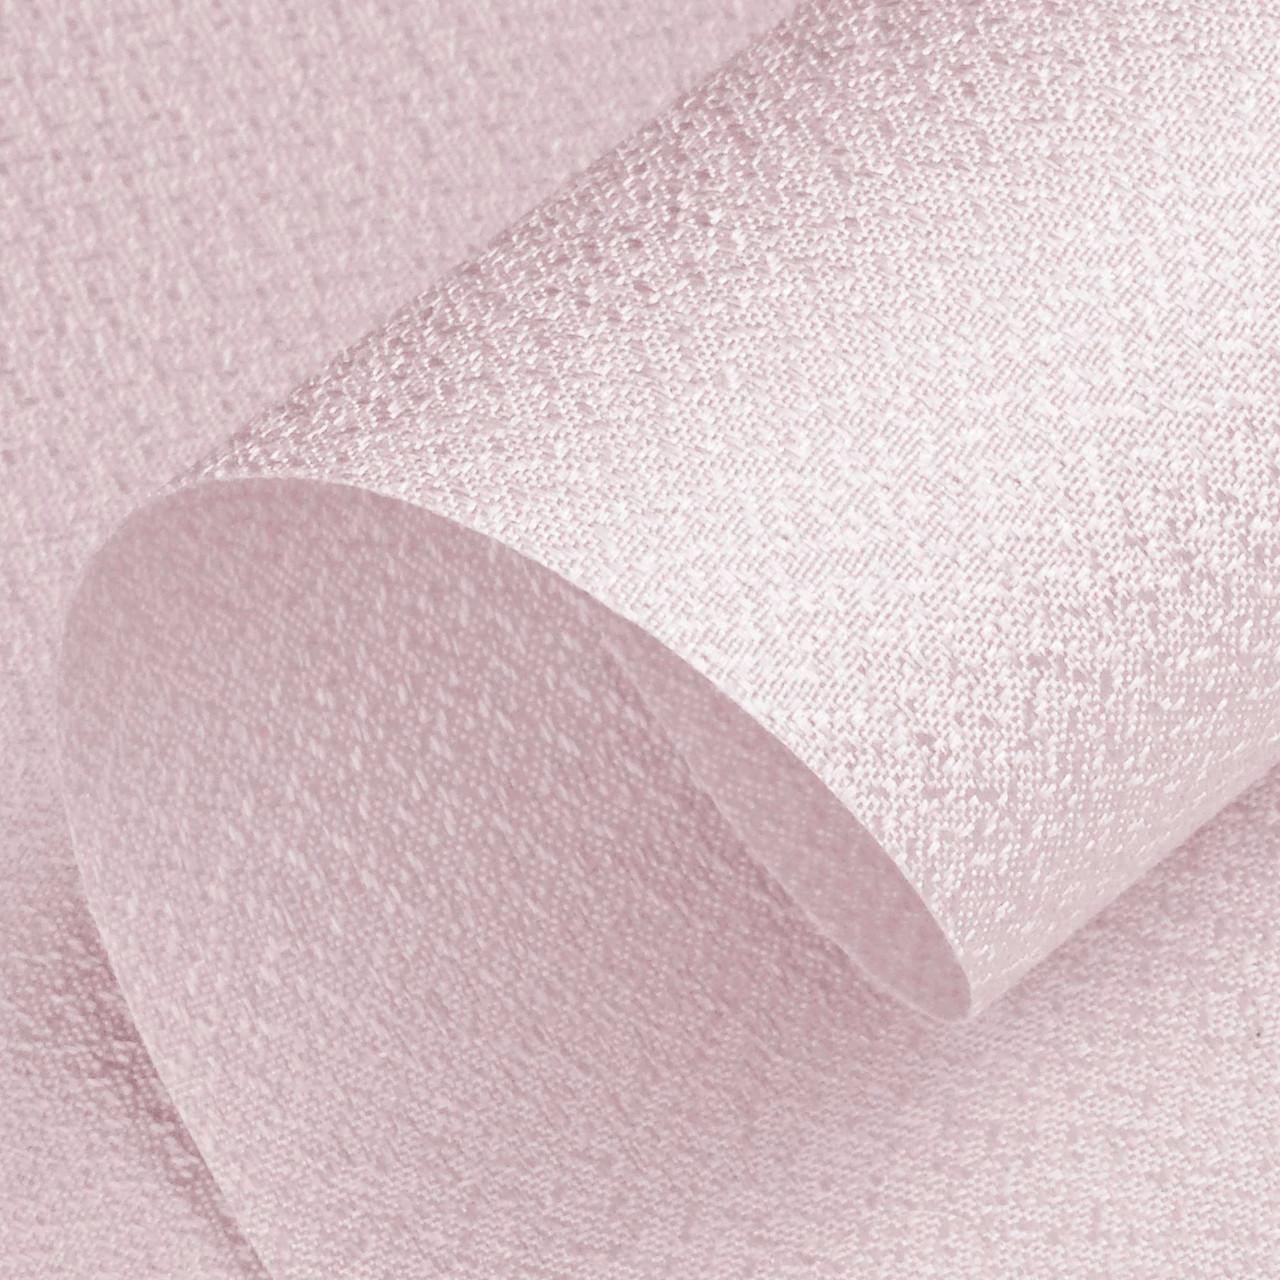 Рулонные шторы Pearl. Тканевые ролеты Перл 111.5, Розовый 50